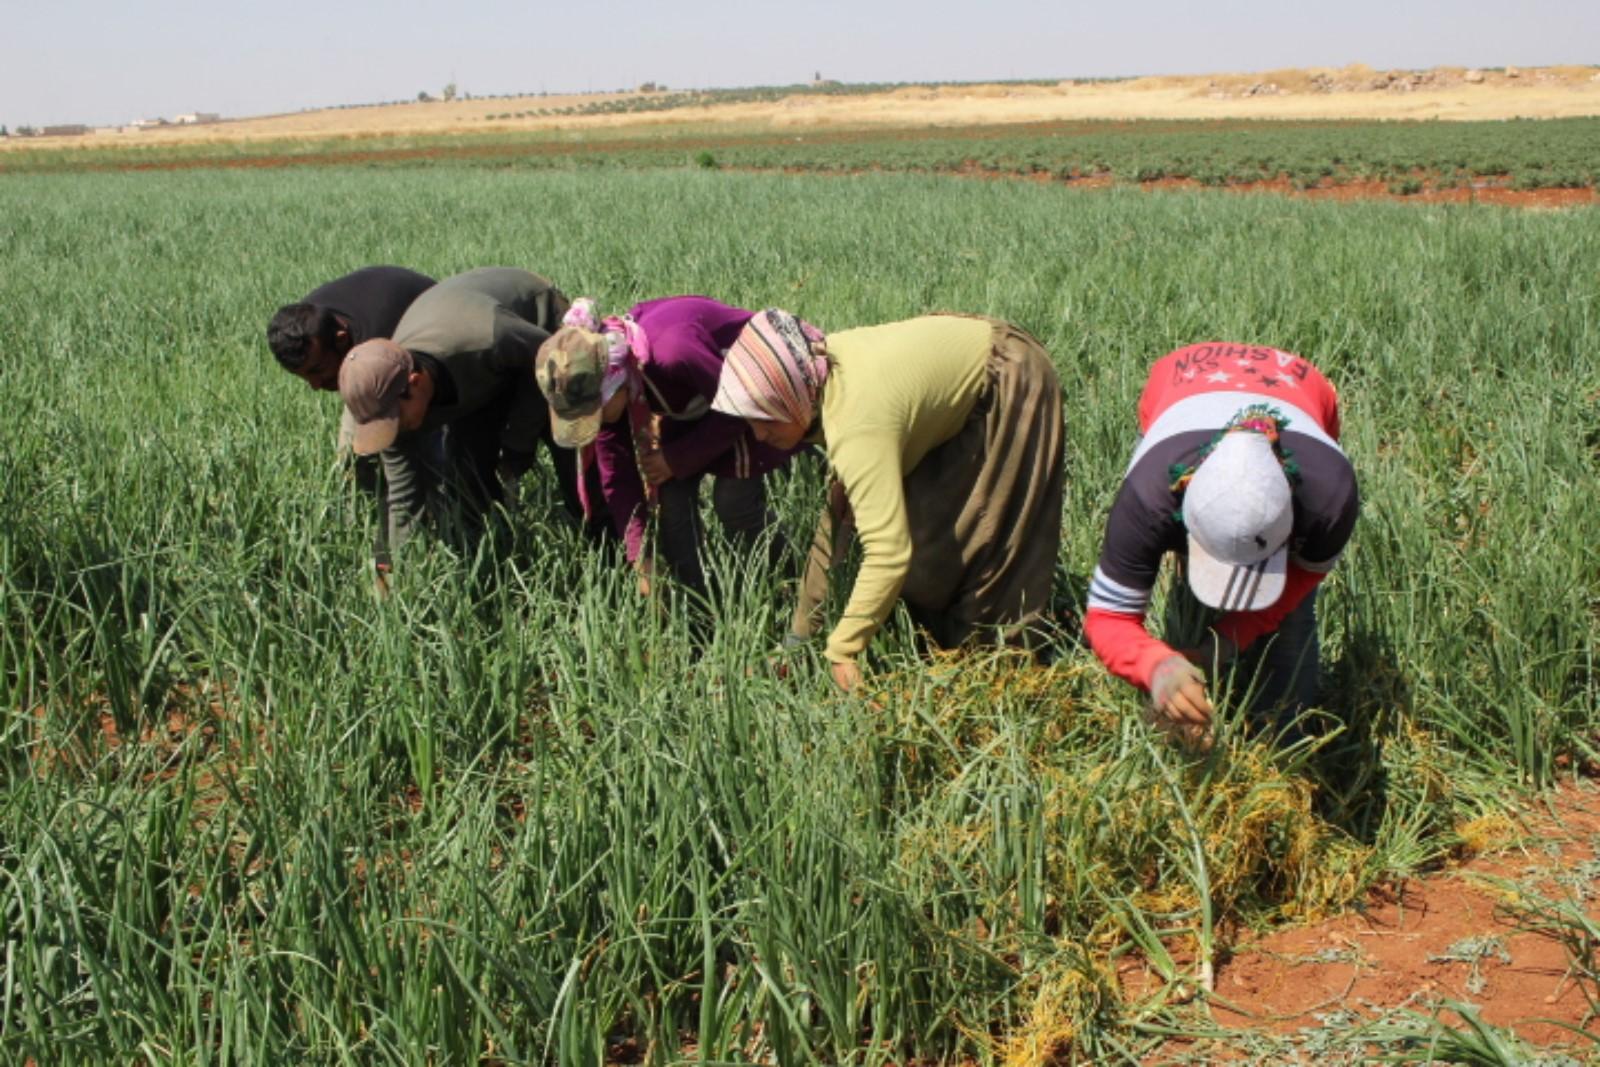 نساء عفرين يعملن بكل جهد لتأمين احتياجاتهن بعد التهجير القسري